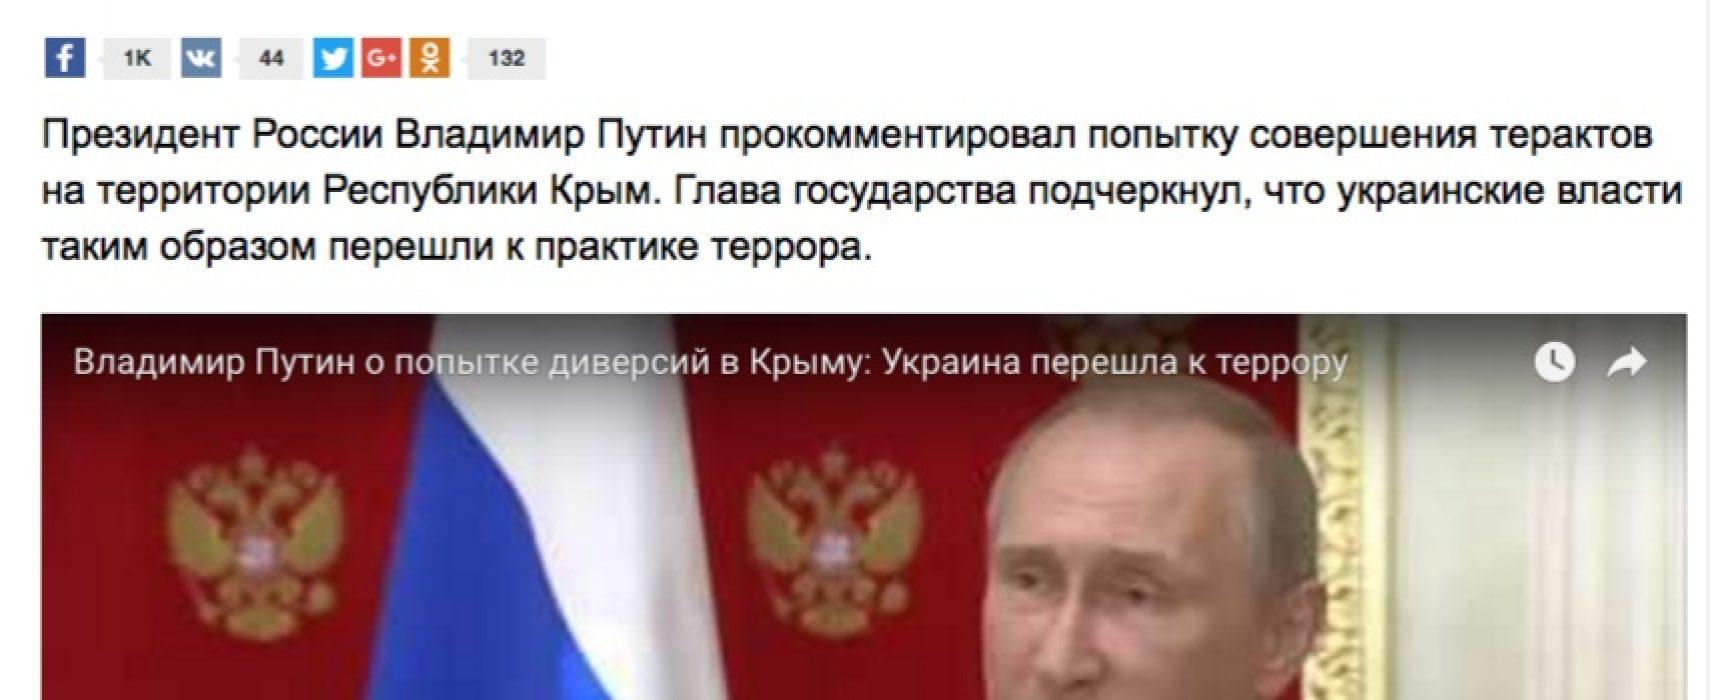 Russische en Oekraïense versies van het 'sabotageverhaal' op de Krim